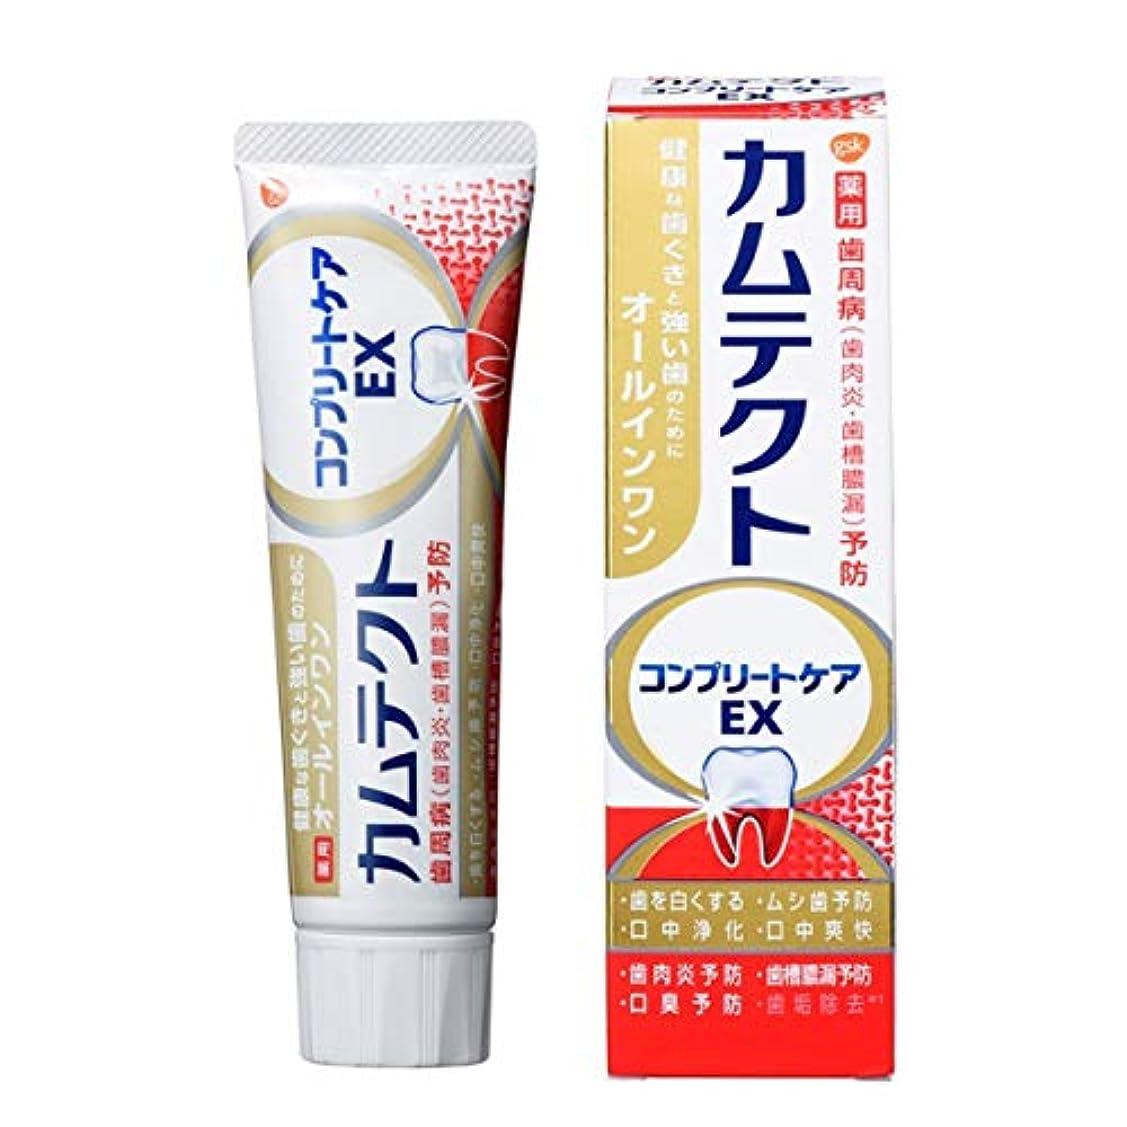 反毒速記粗いカムテクト コンプリートケアEX 歯周病(歯肉炎?歯槽膿漏) 予防 歯磨き粉 105g